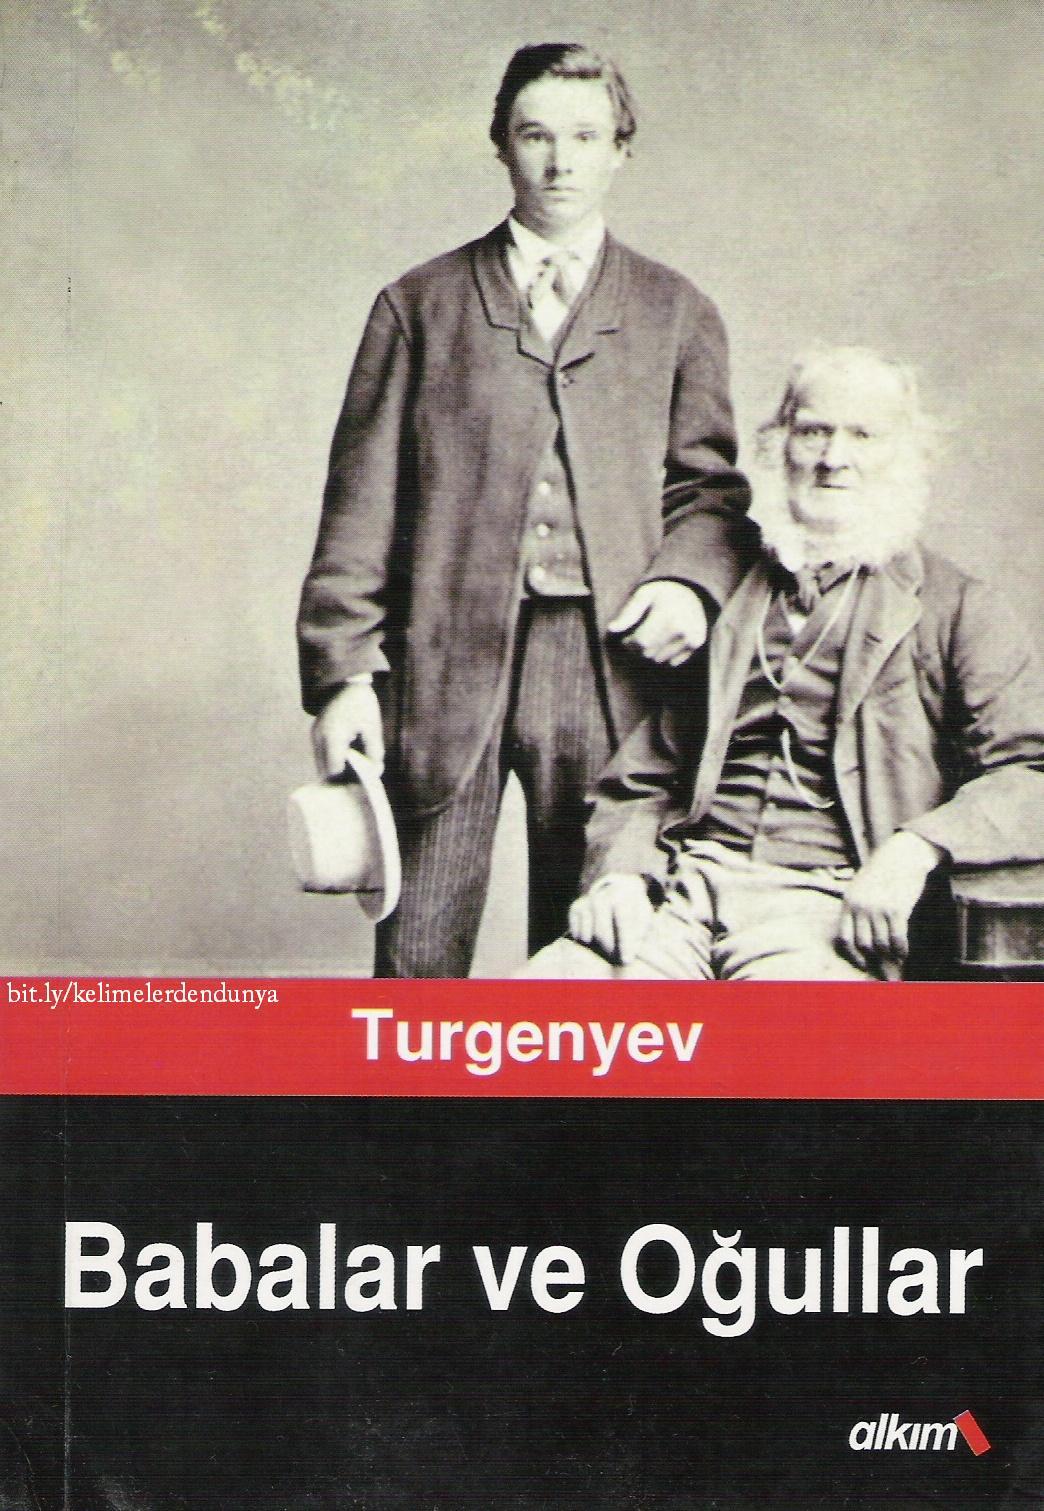 Özet Baba ve Oğullar (I. Turgenev)